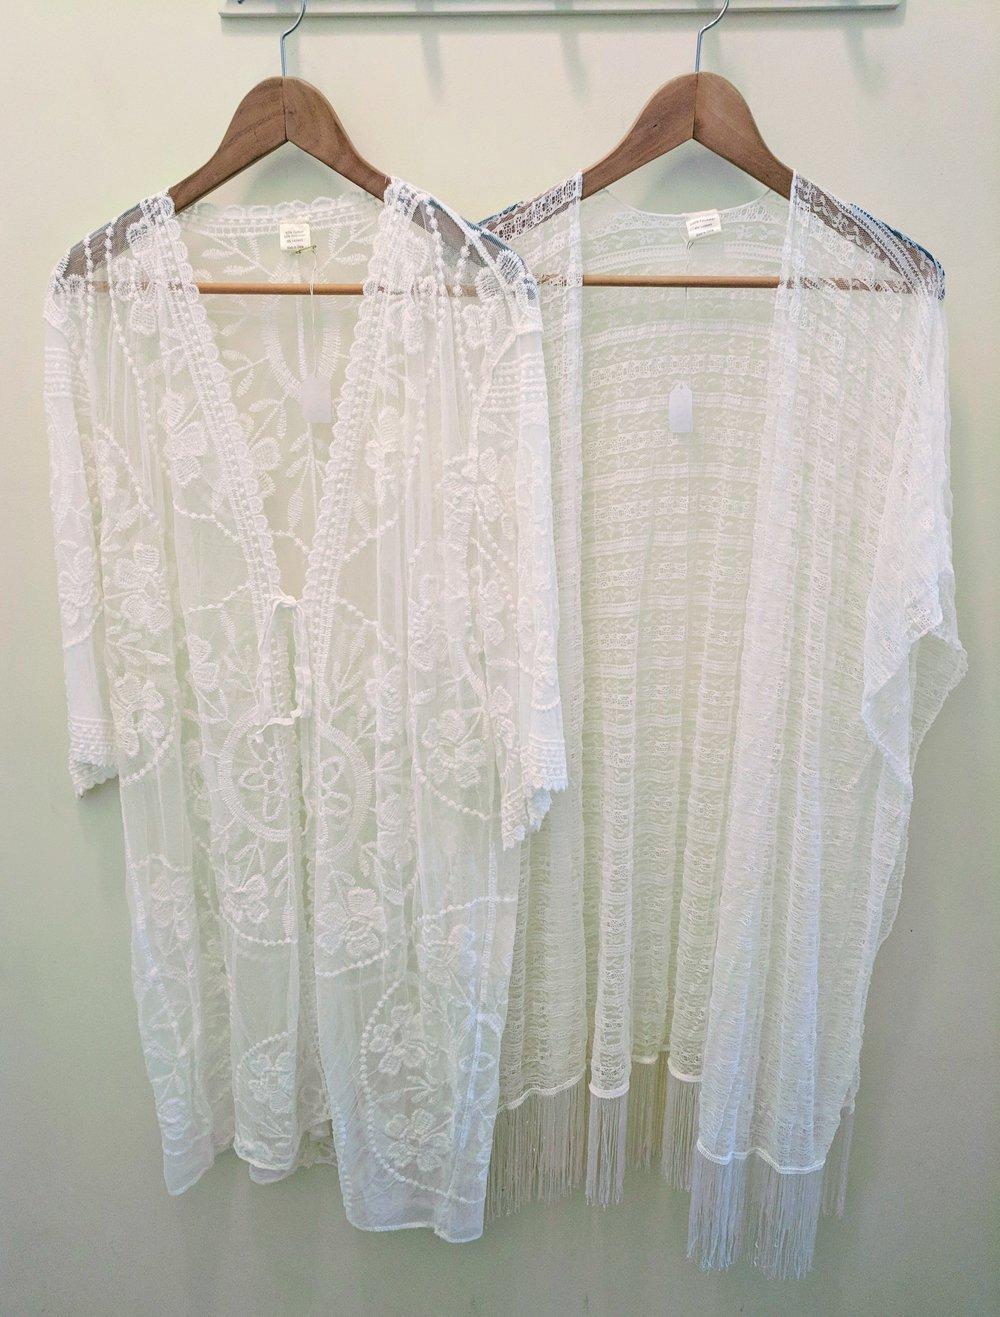 White lace kimono with front tie. White lace kimono with tassel trim.